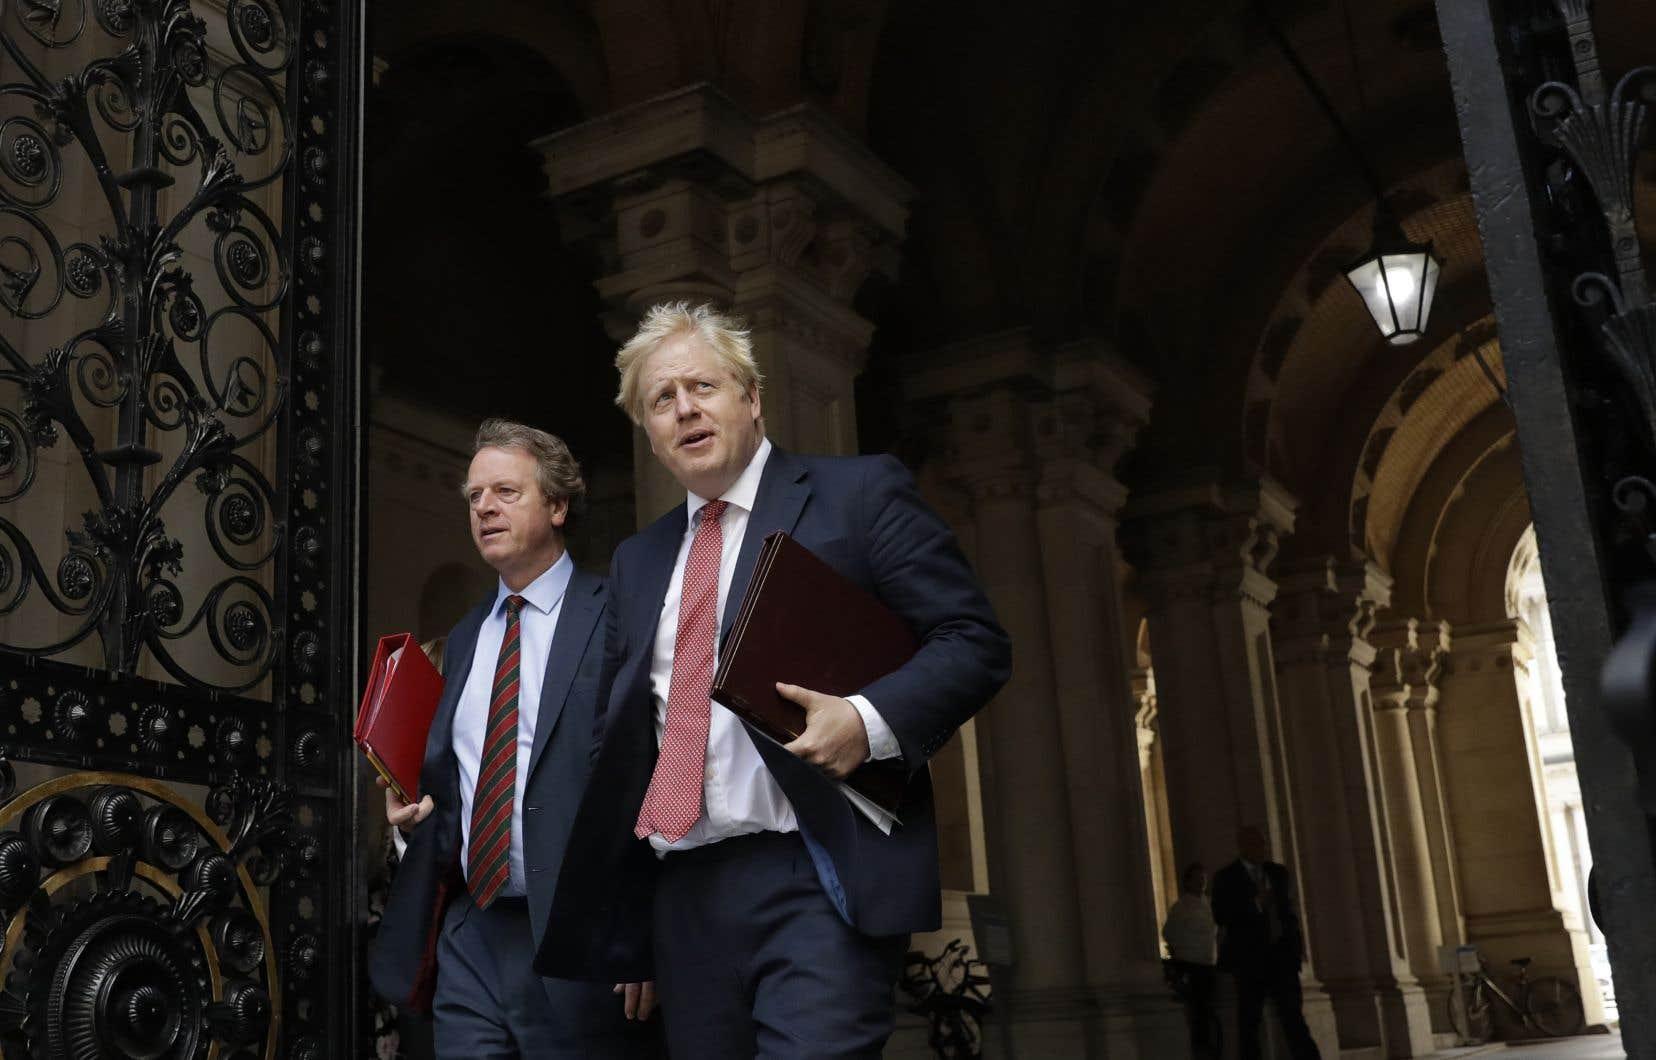 Le Royaume-Uni a quitté l'Union européenne en janvier, mais il reste régi par la réglementation européenne jusqu'à fin décembre.